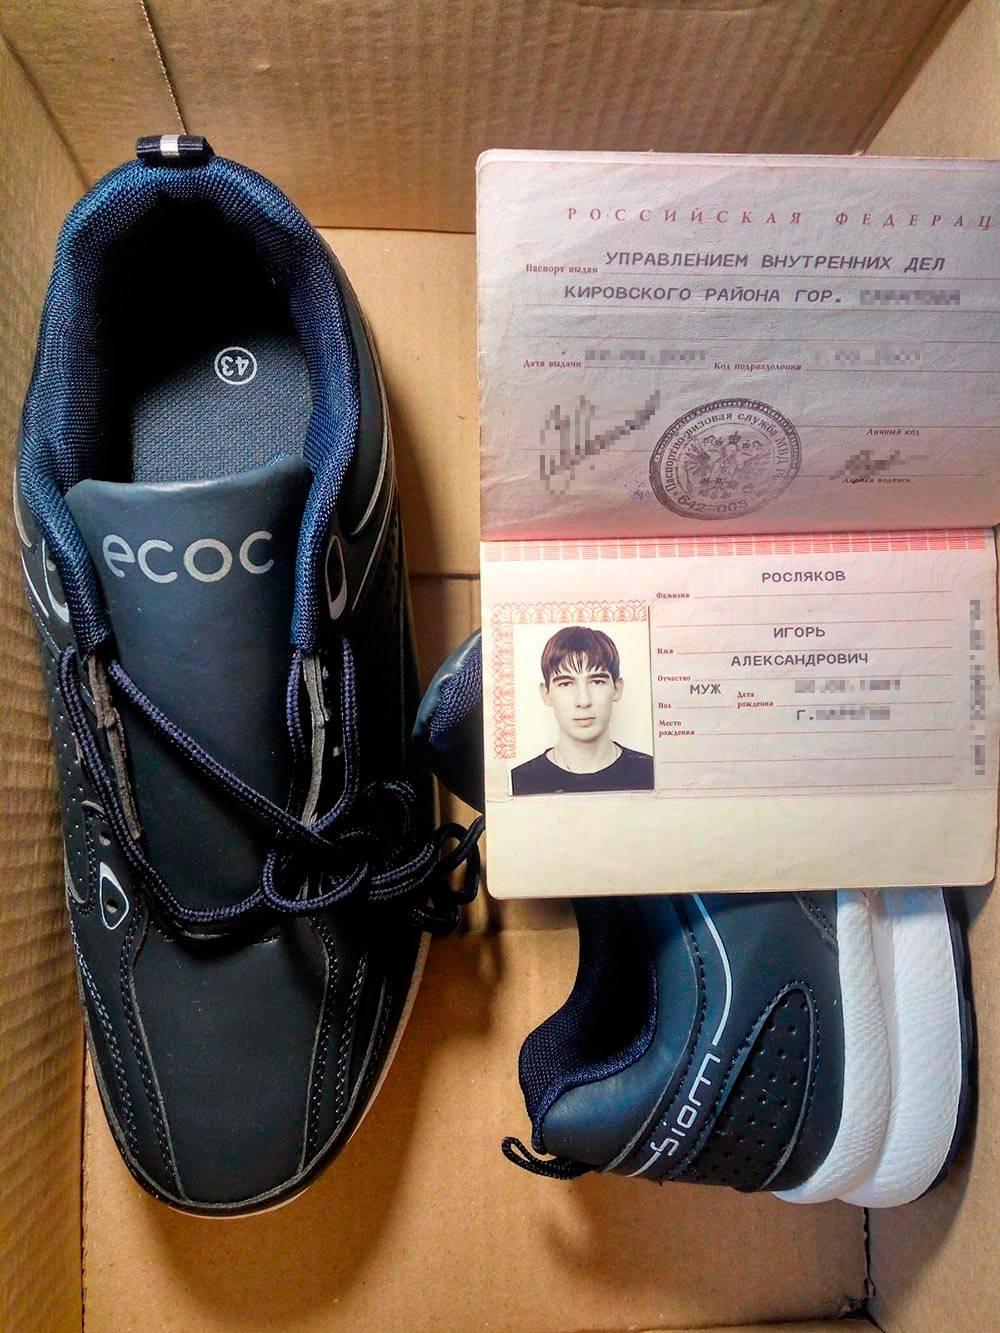 Фото поддельных кроссовок с моим паспортом, которое я сделал для суда. Судья сказал принести фото кроссовок, и я для достоверности сделал фото с паспортом